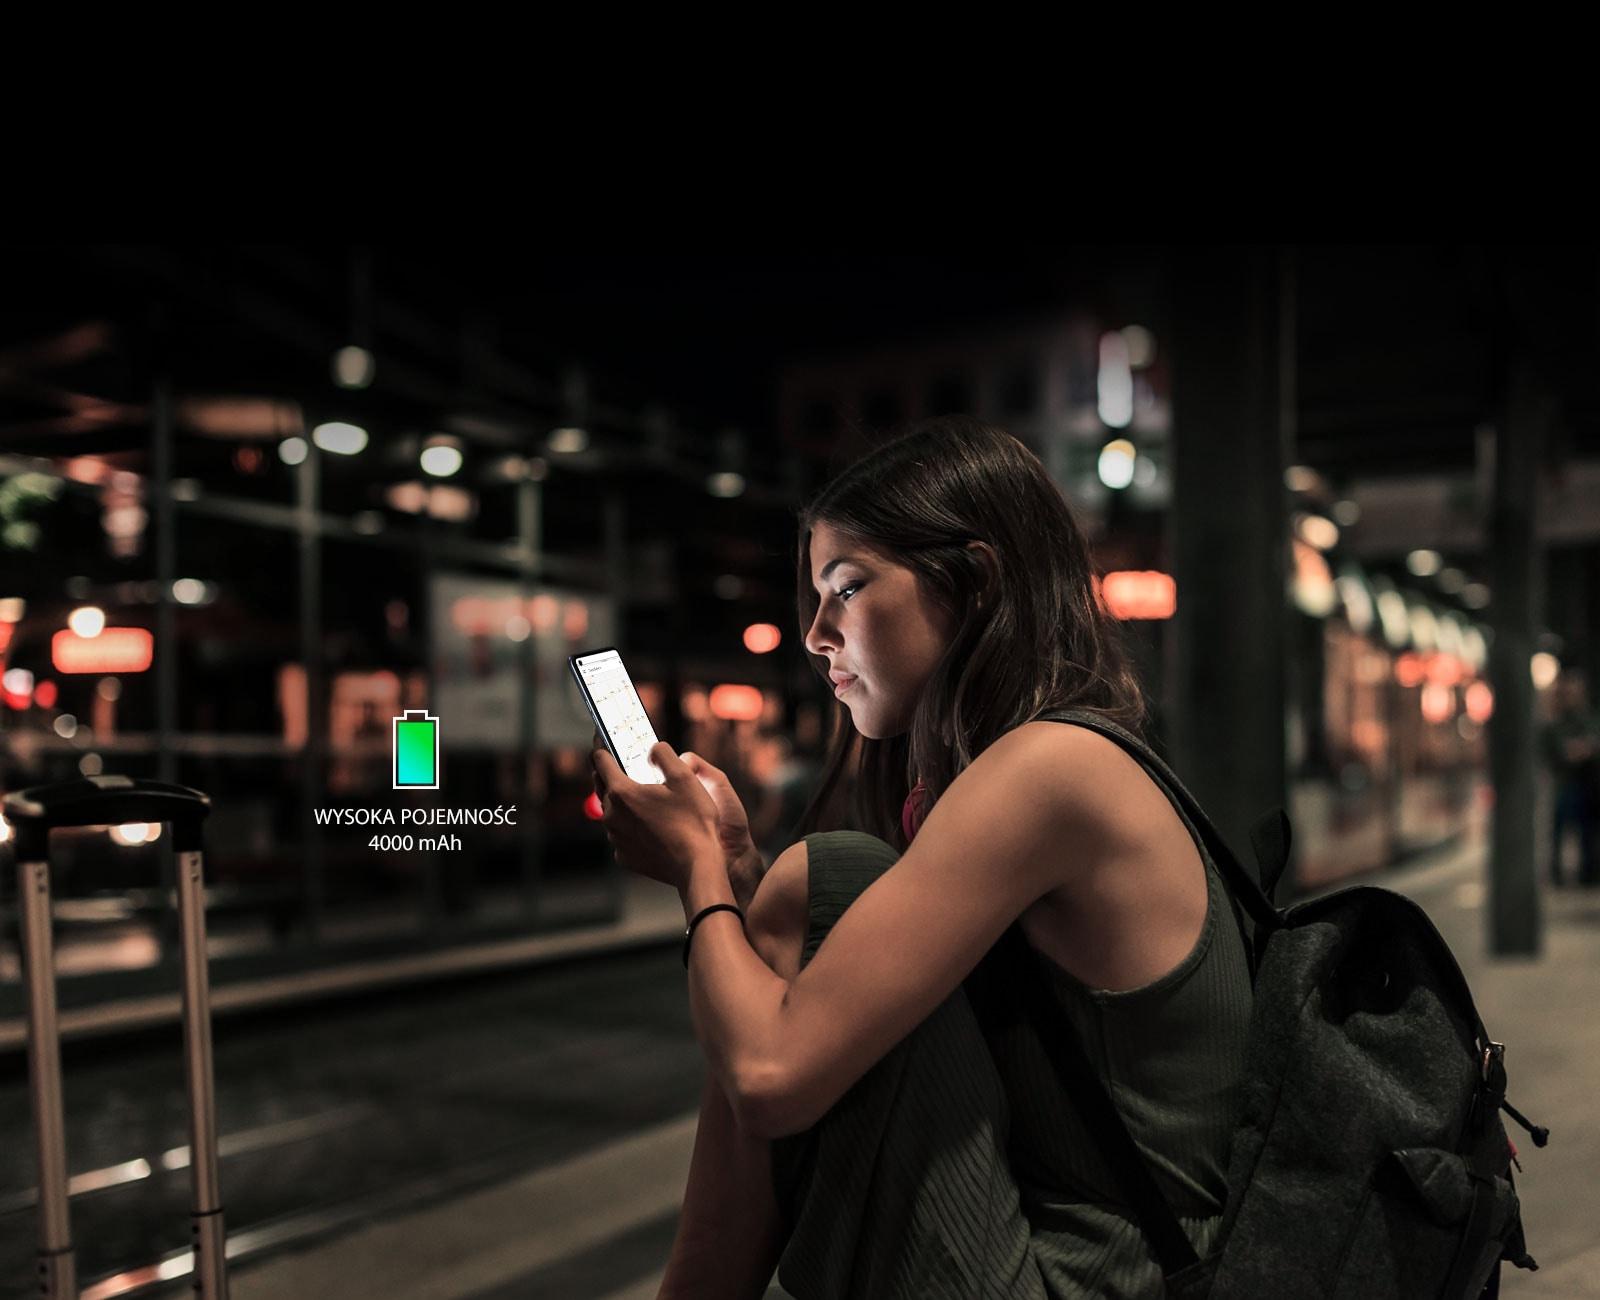 Kobieta przeglądająca internet na smartfonie późno w nocy na stacji metra z dużym  zapasem  energii w baterii